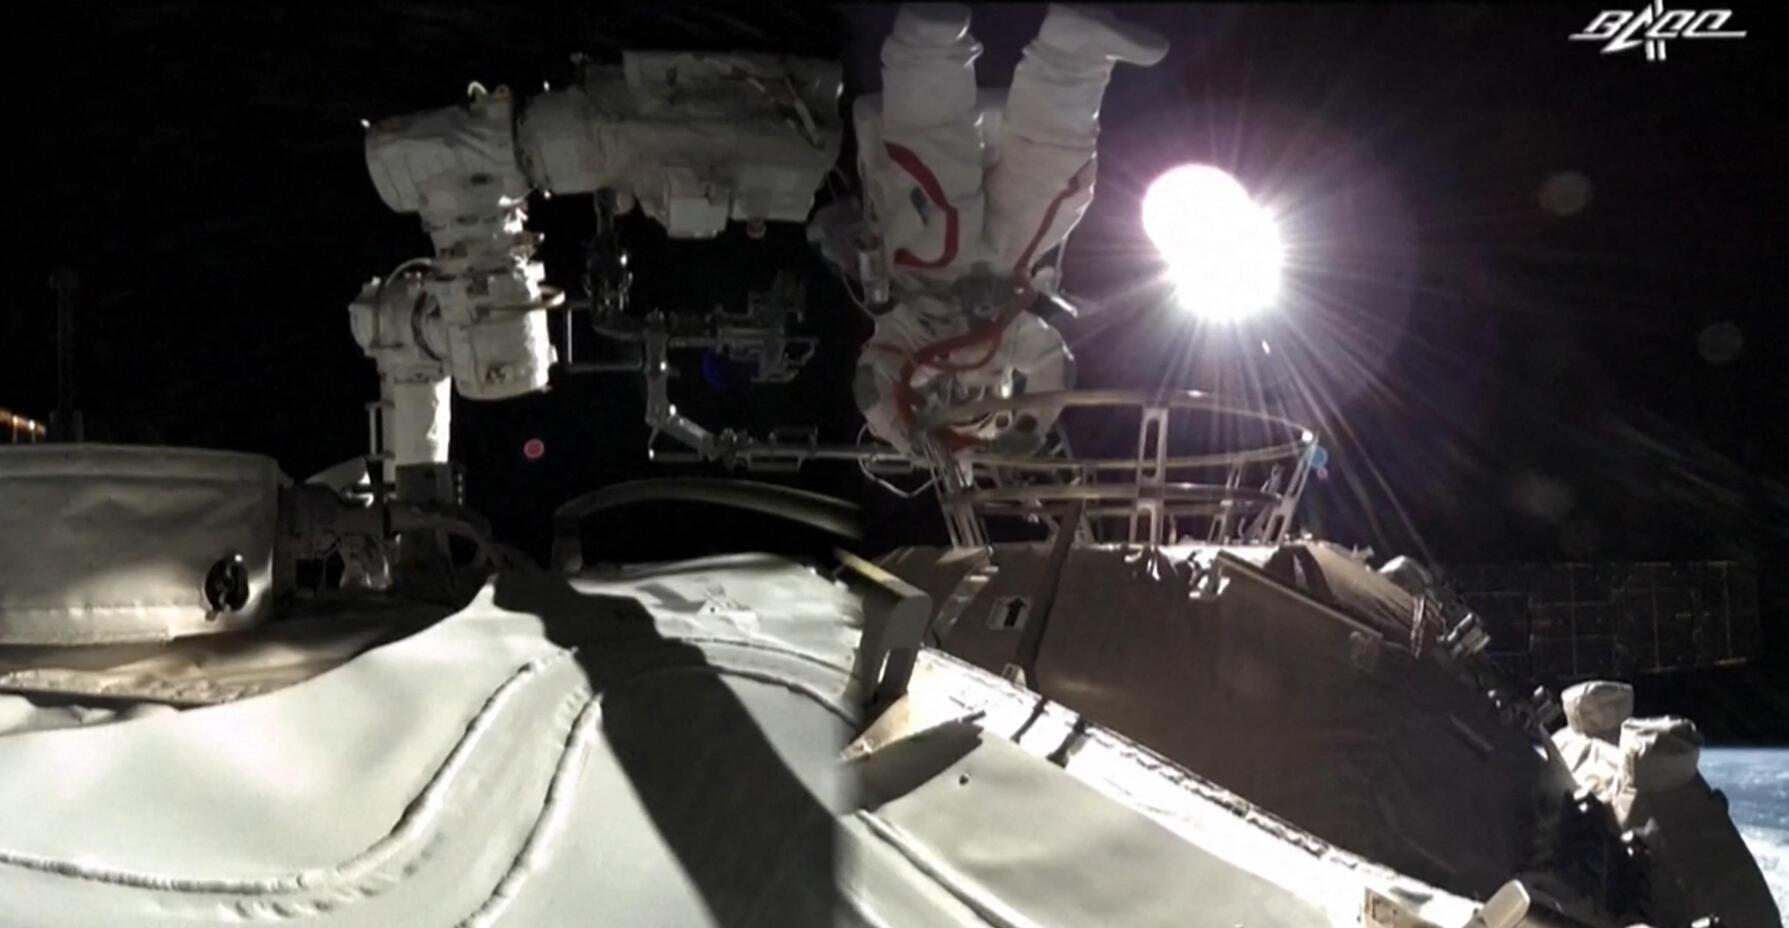 Esta captura de pantalla realizada a partir de un vídeo publicado por la cadena estatal china CCTV muestra al astronauta chino Liu Boming saliendo de la nueva estación espacial china Tiangong en órbita, alrededor de la Tierra, el 4 de julio de 2021.